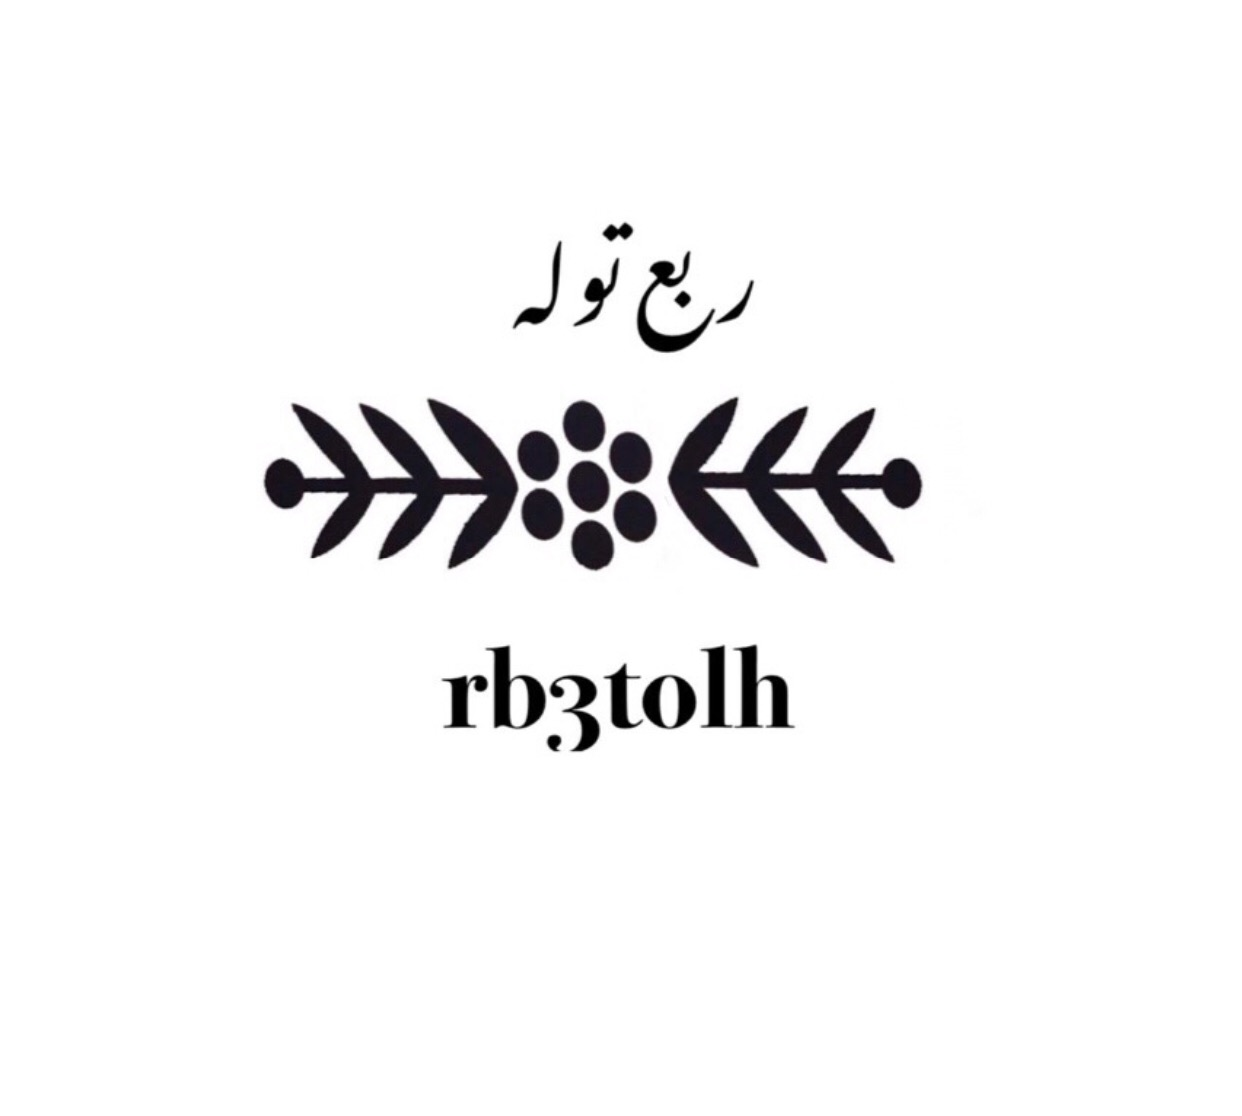 Rb3tolh